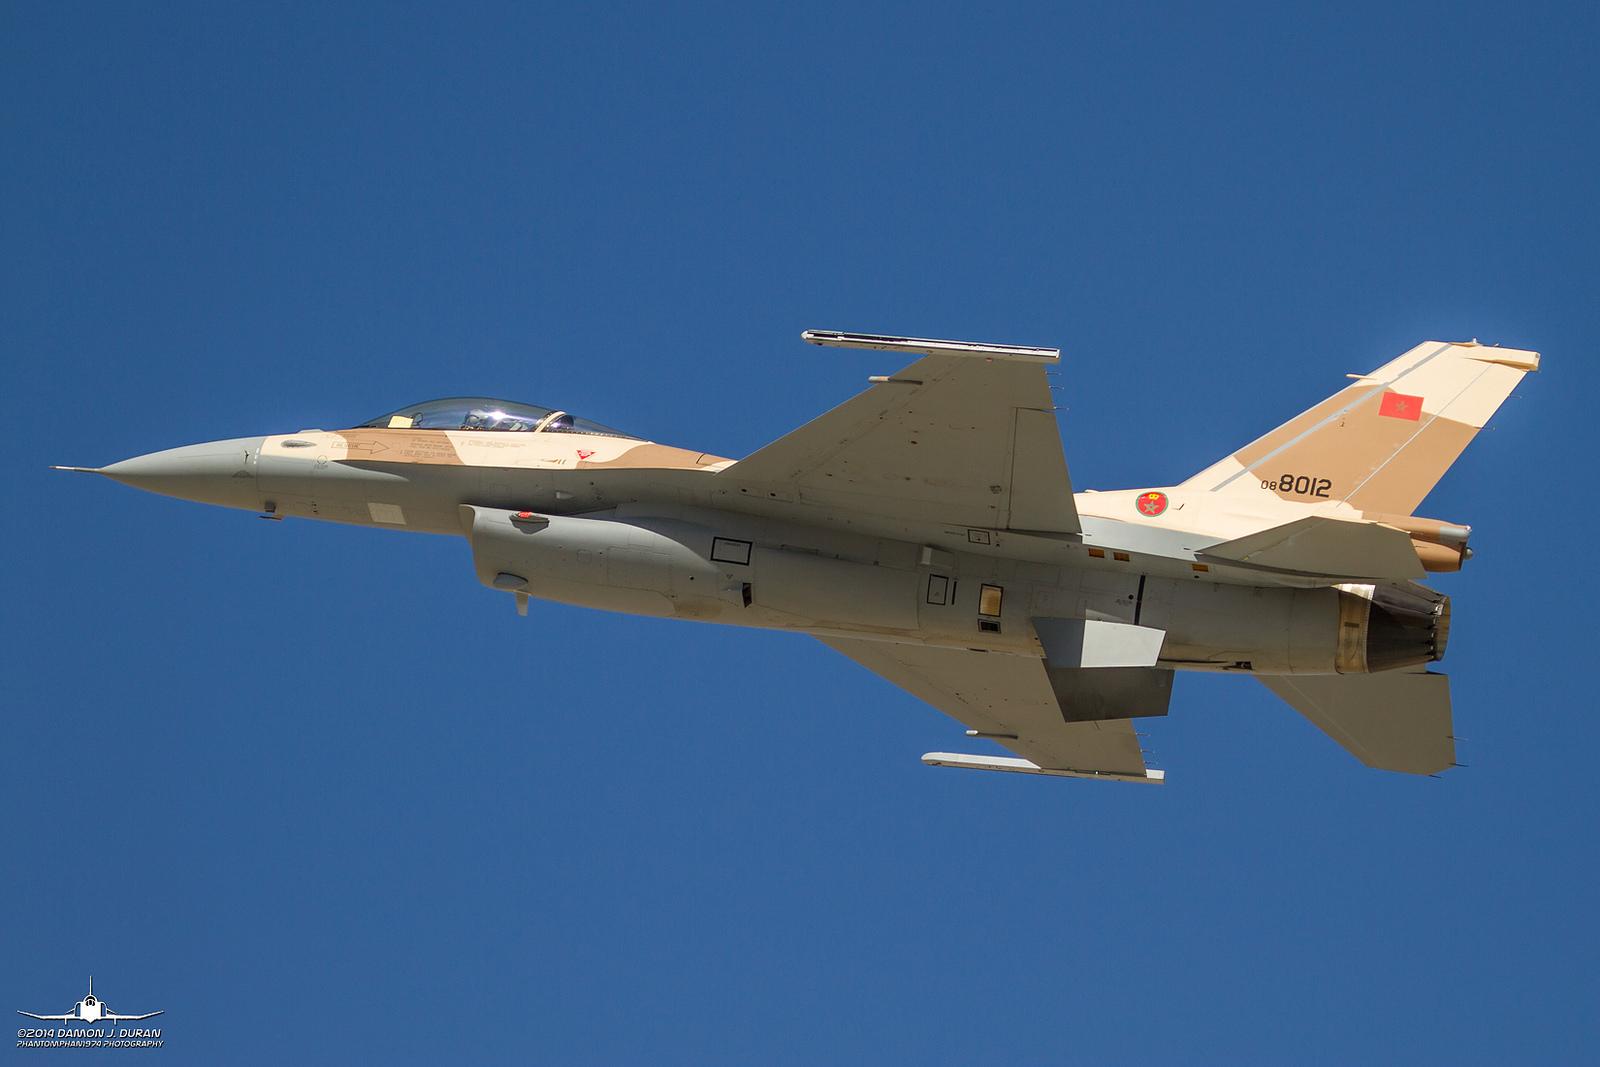 القوات الجوية الملكية المغربية - متجدد - 864122155599154028db53c19afh